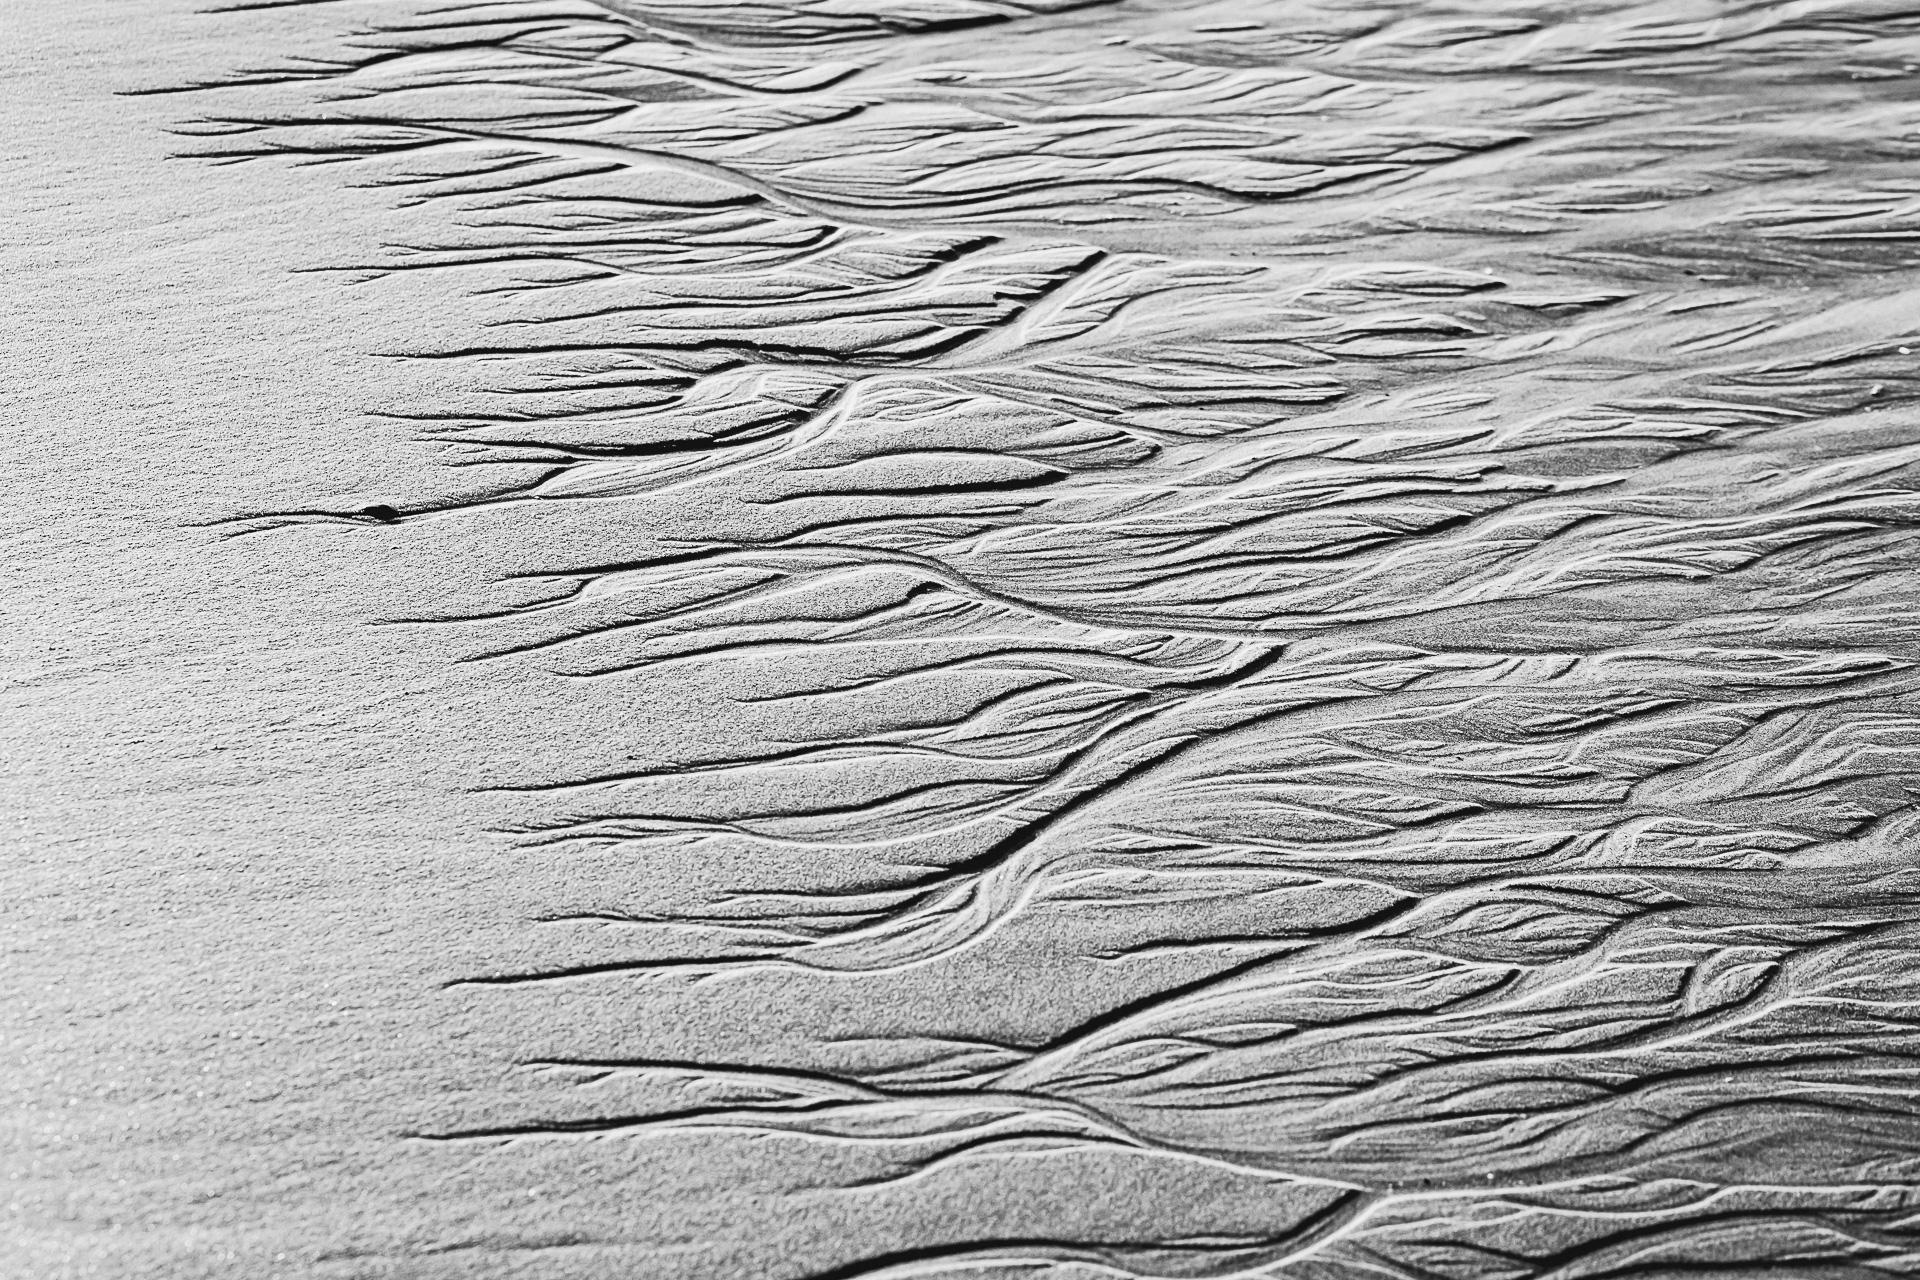 Damien-Dohmen-photographe-Ocean-42